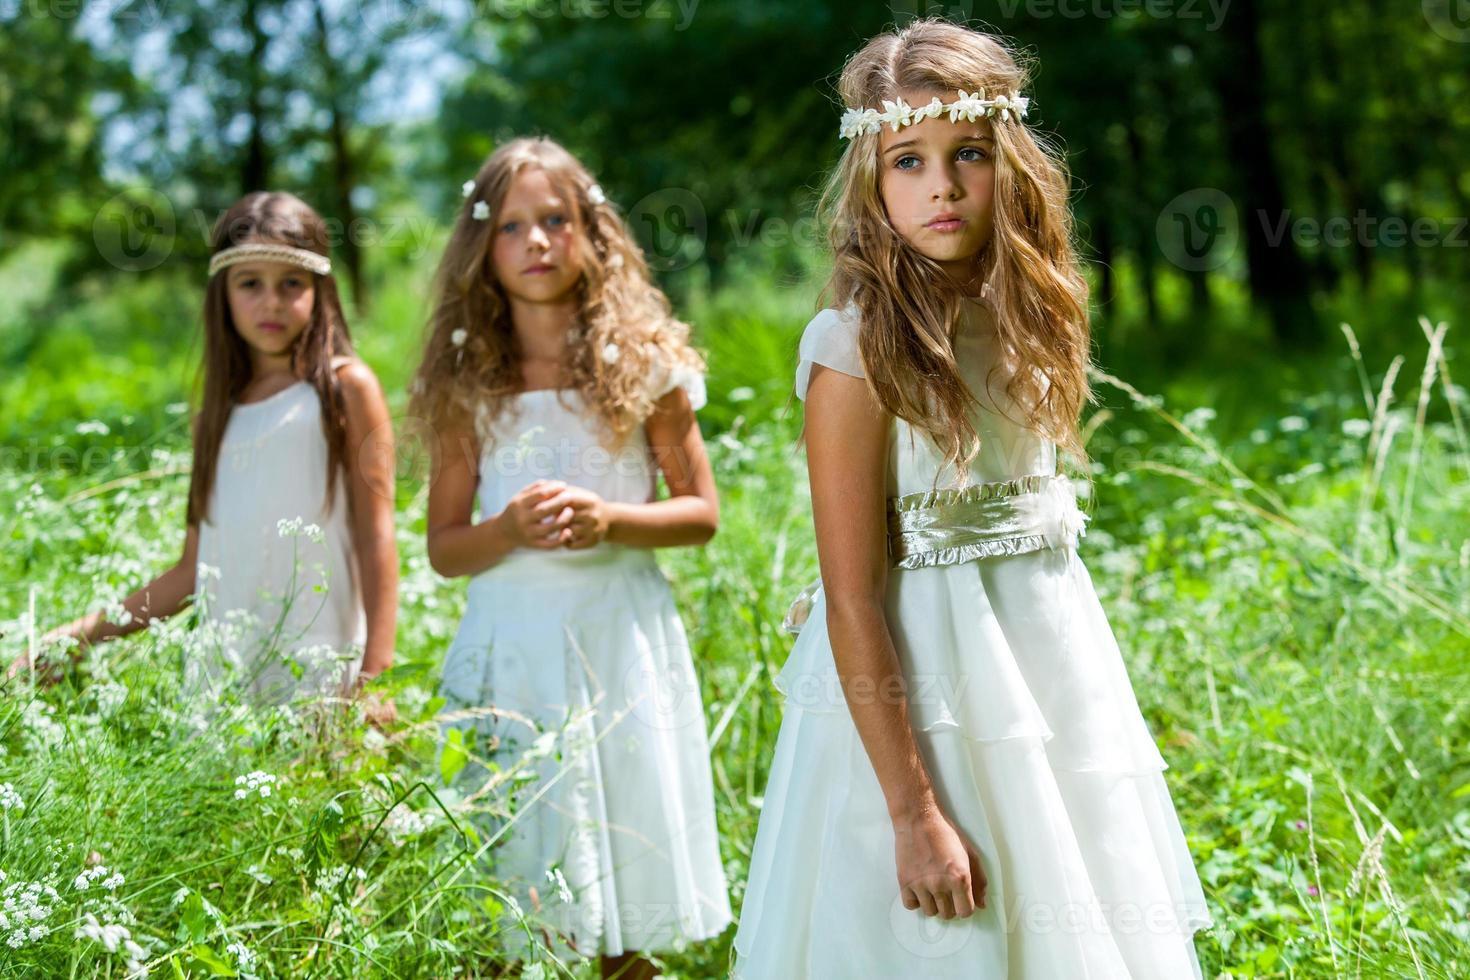 drie meisjes dragen witte jurken in het bos. foto